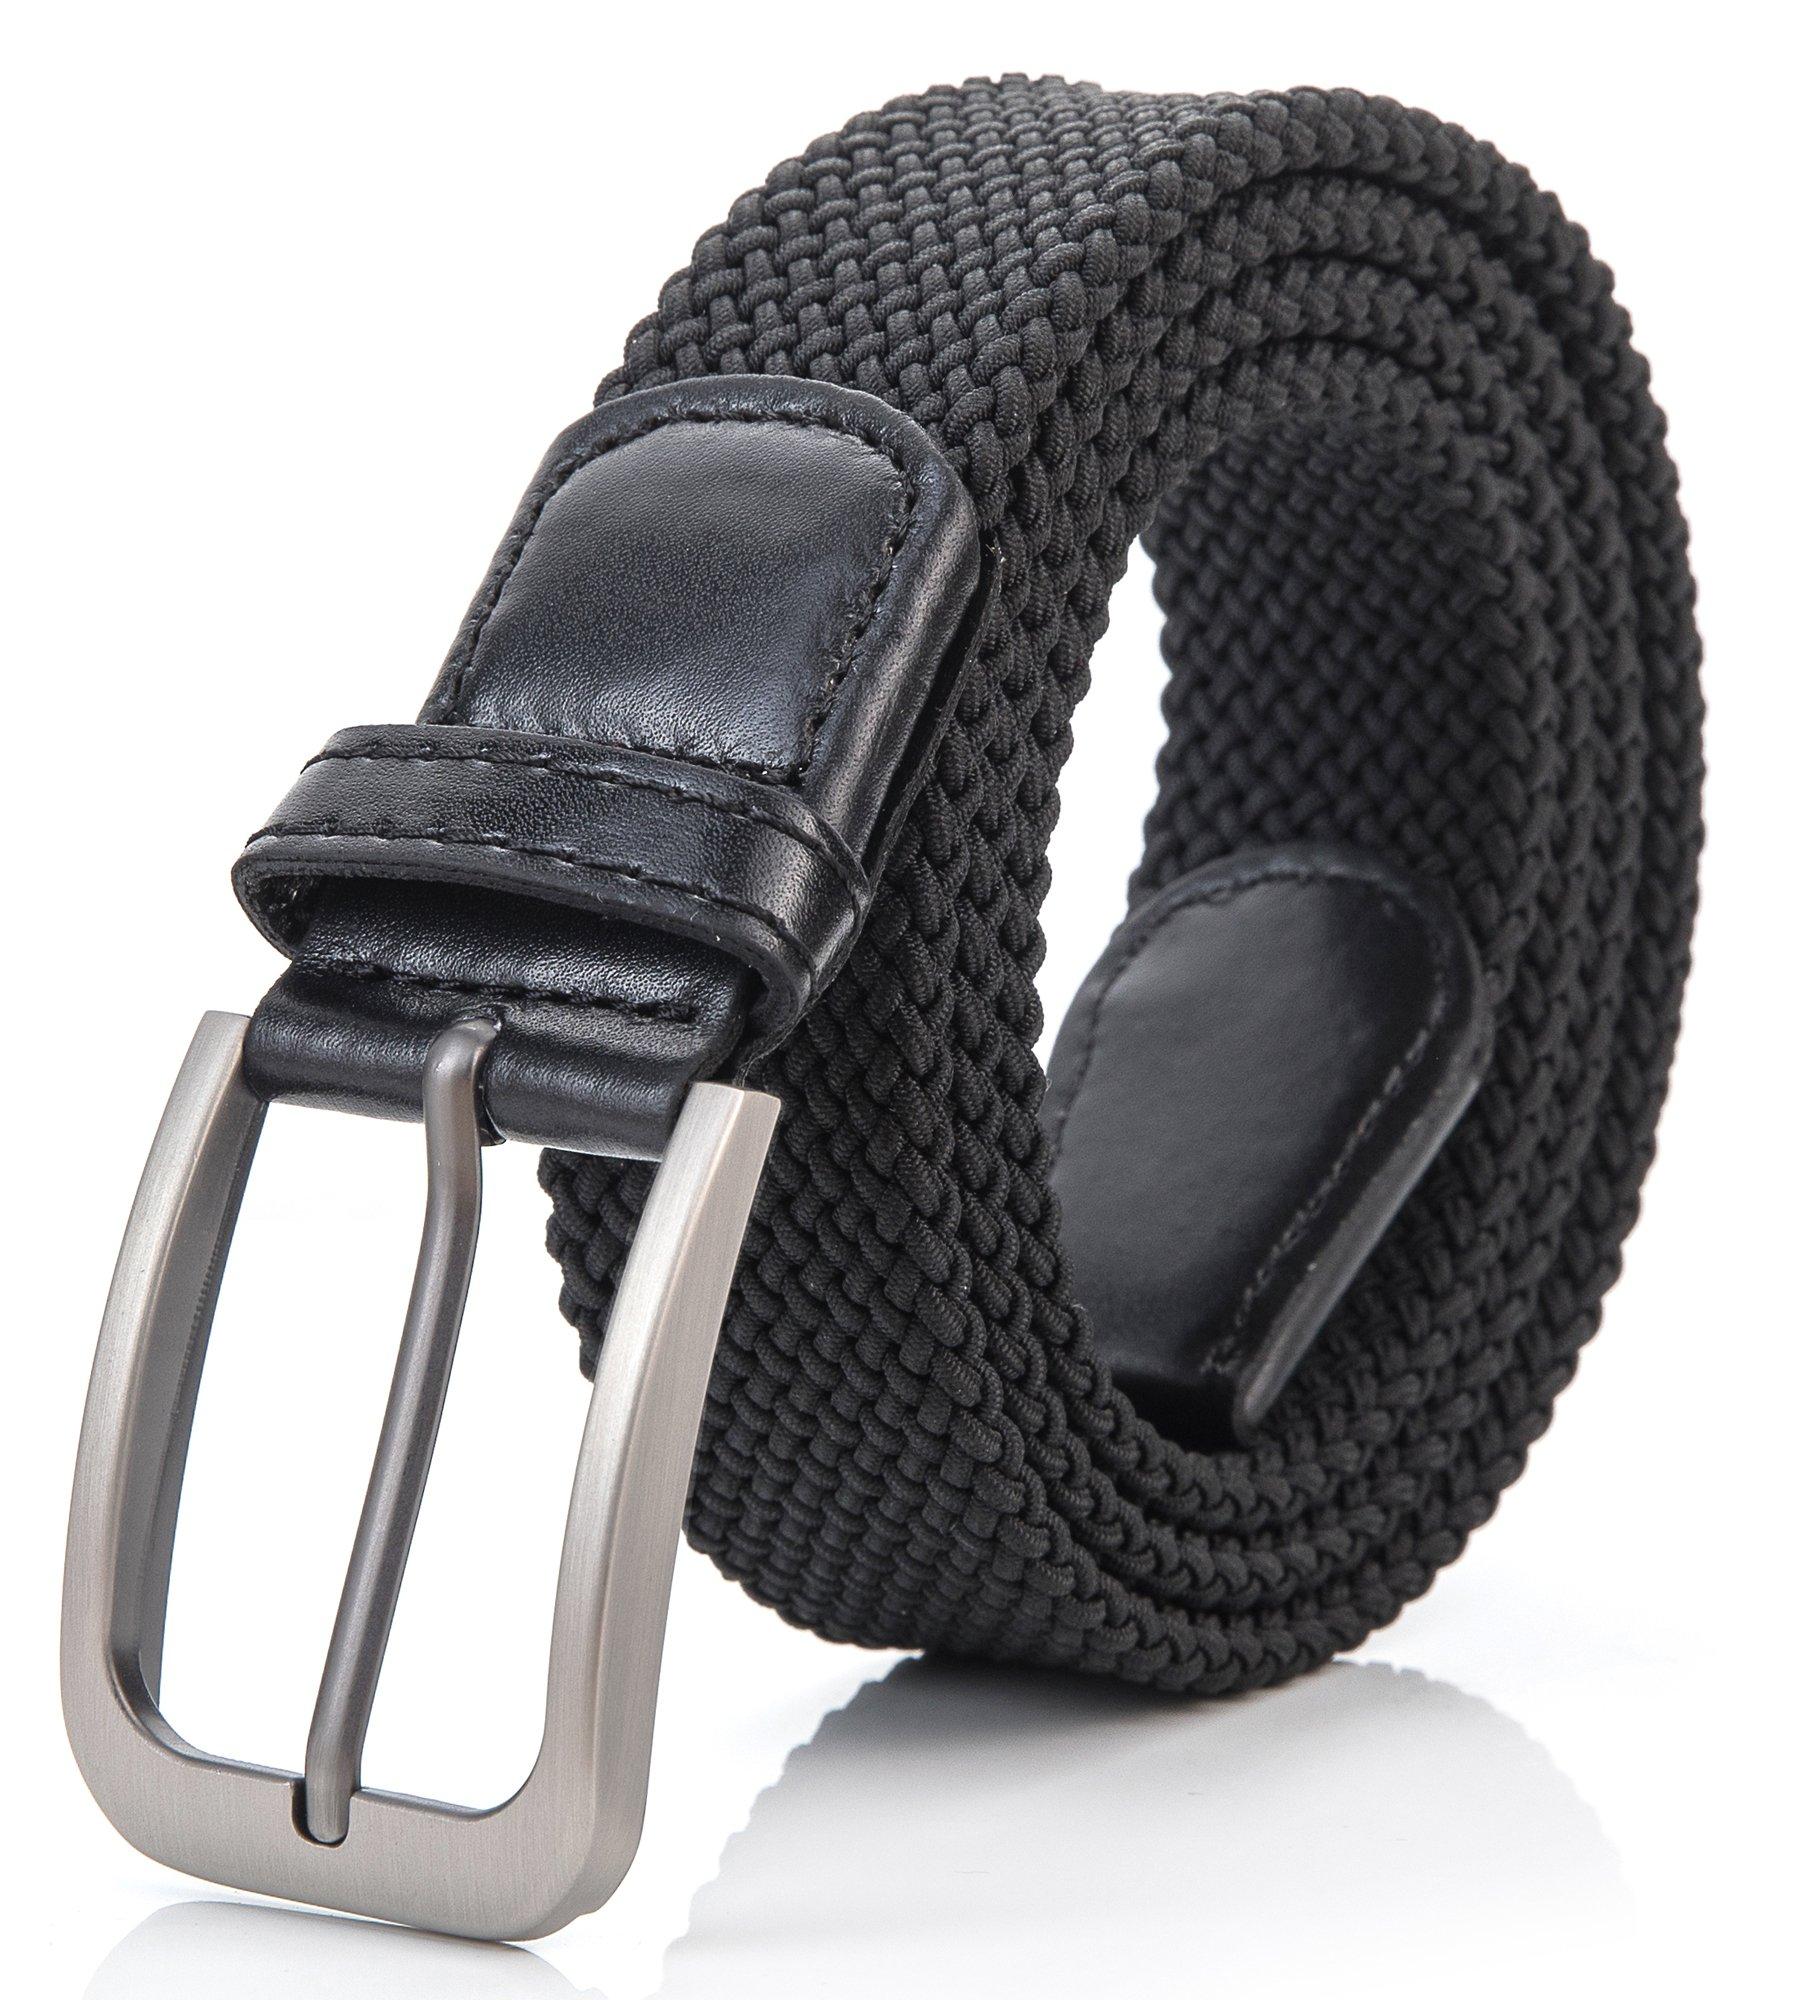 Weifert Belt for Men Braided Stretch Belt/No Holes Elastic Fabric Woven Belts